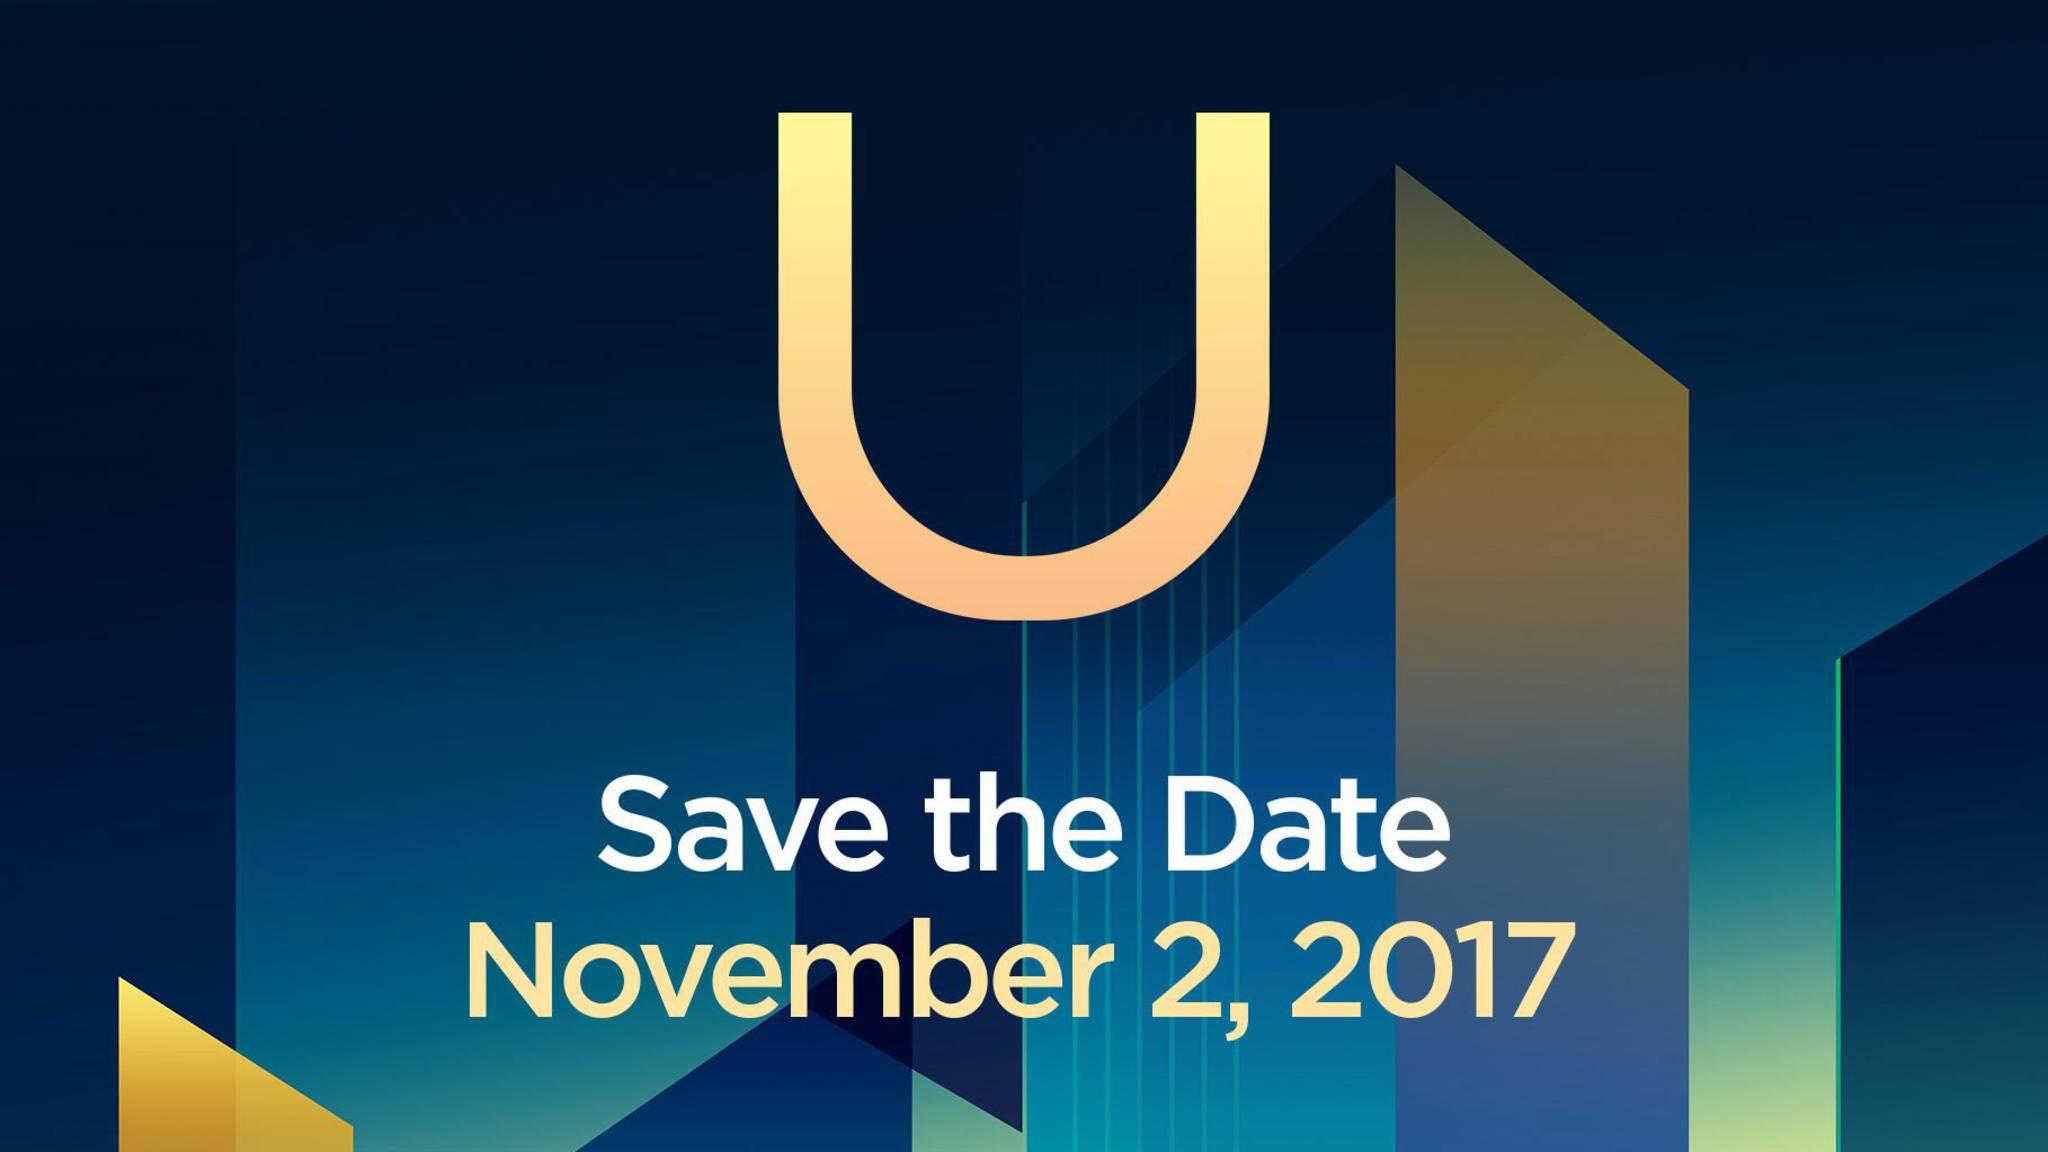 Am 2. November wird HTC voraussichtlich das HTC U11 Plus zeigen.